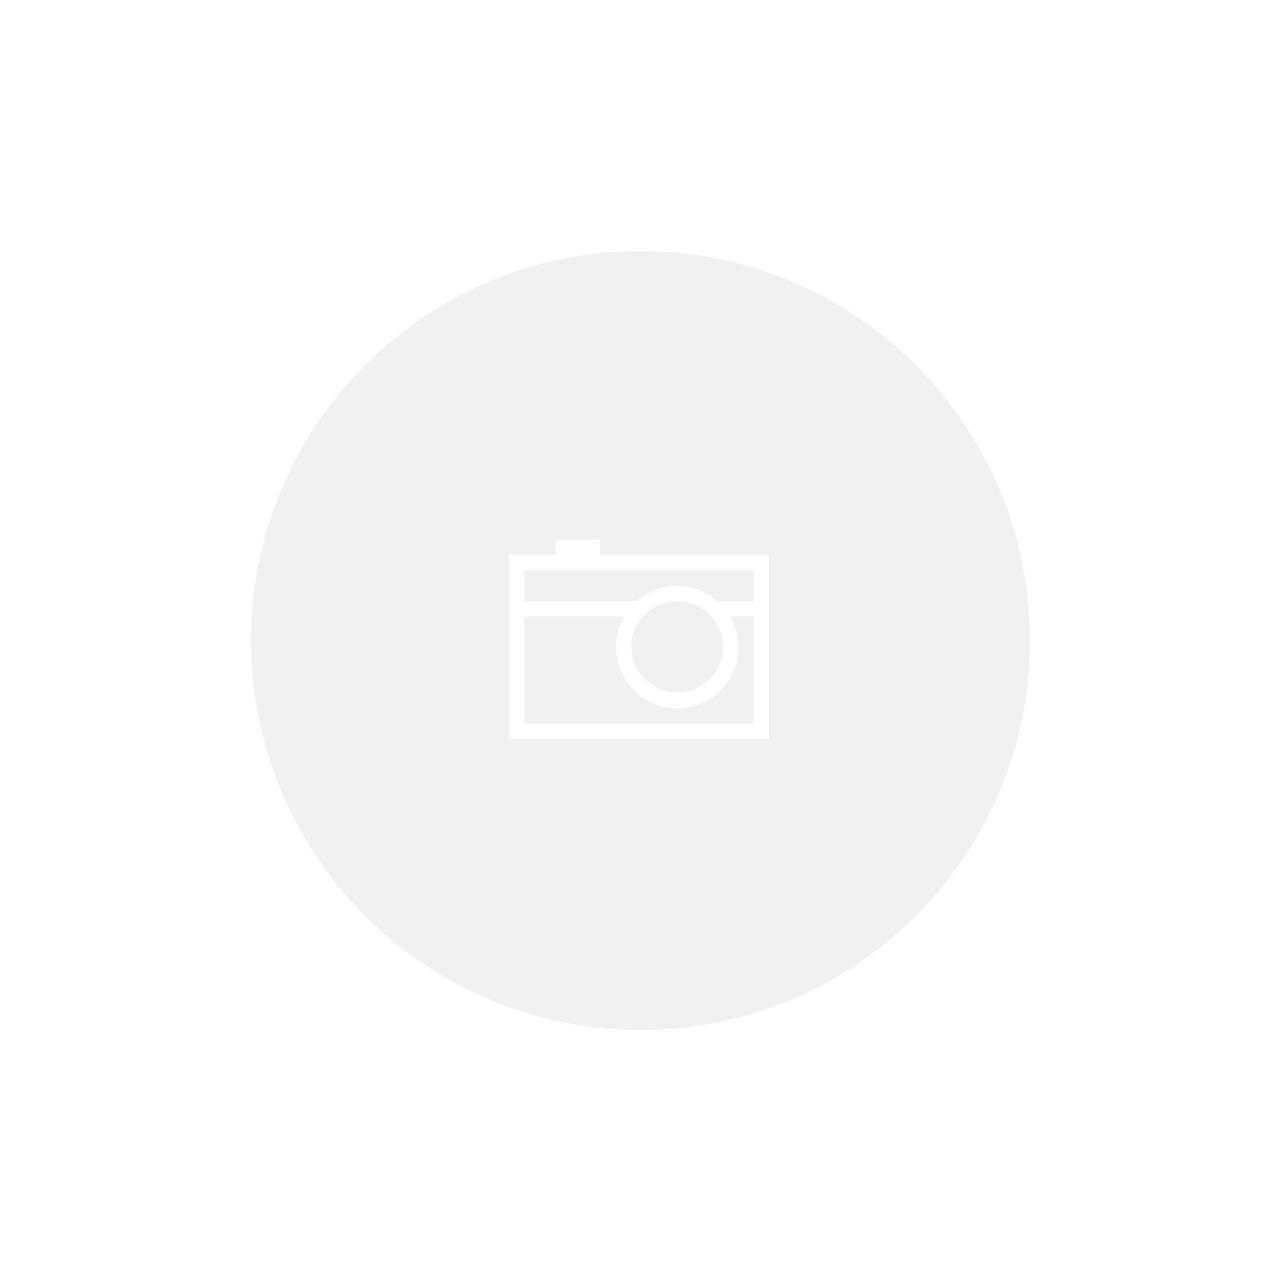 Relé de Estado Sólido Trifásico 90A - SSR3-4890